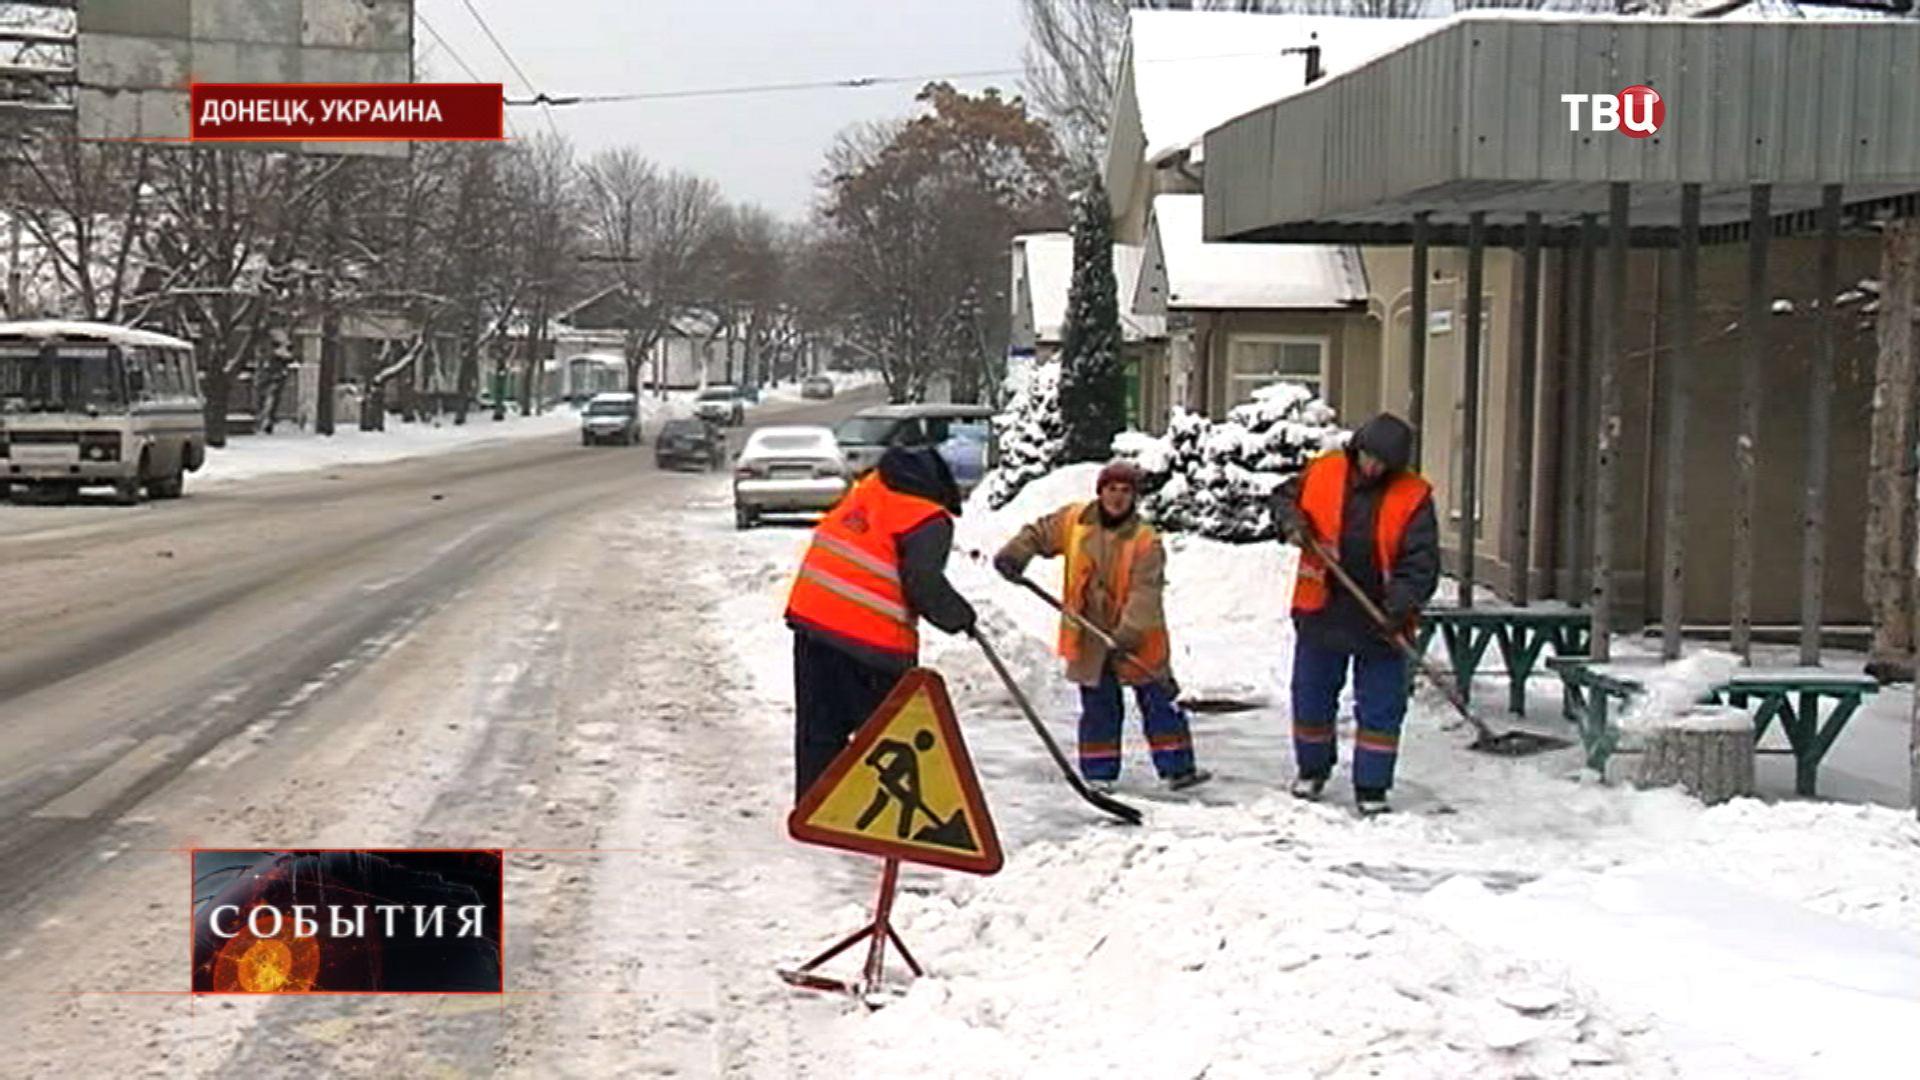 Комунальщики убирают улицы Донецка от снега